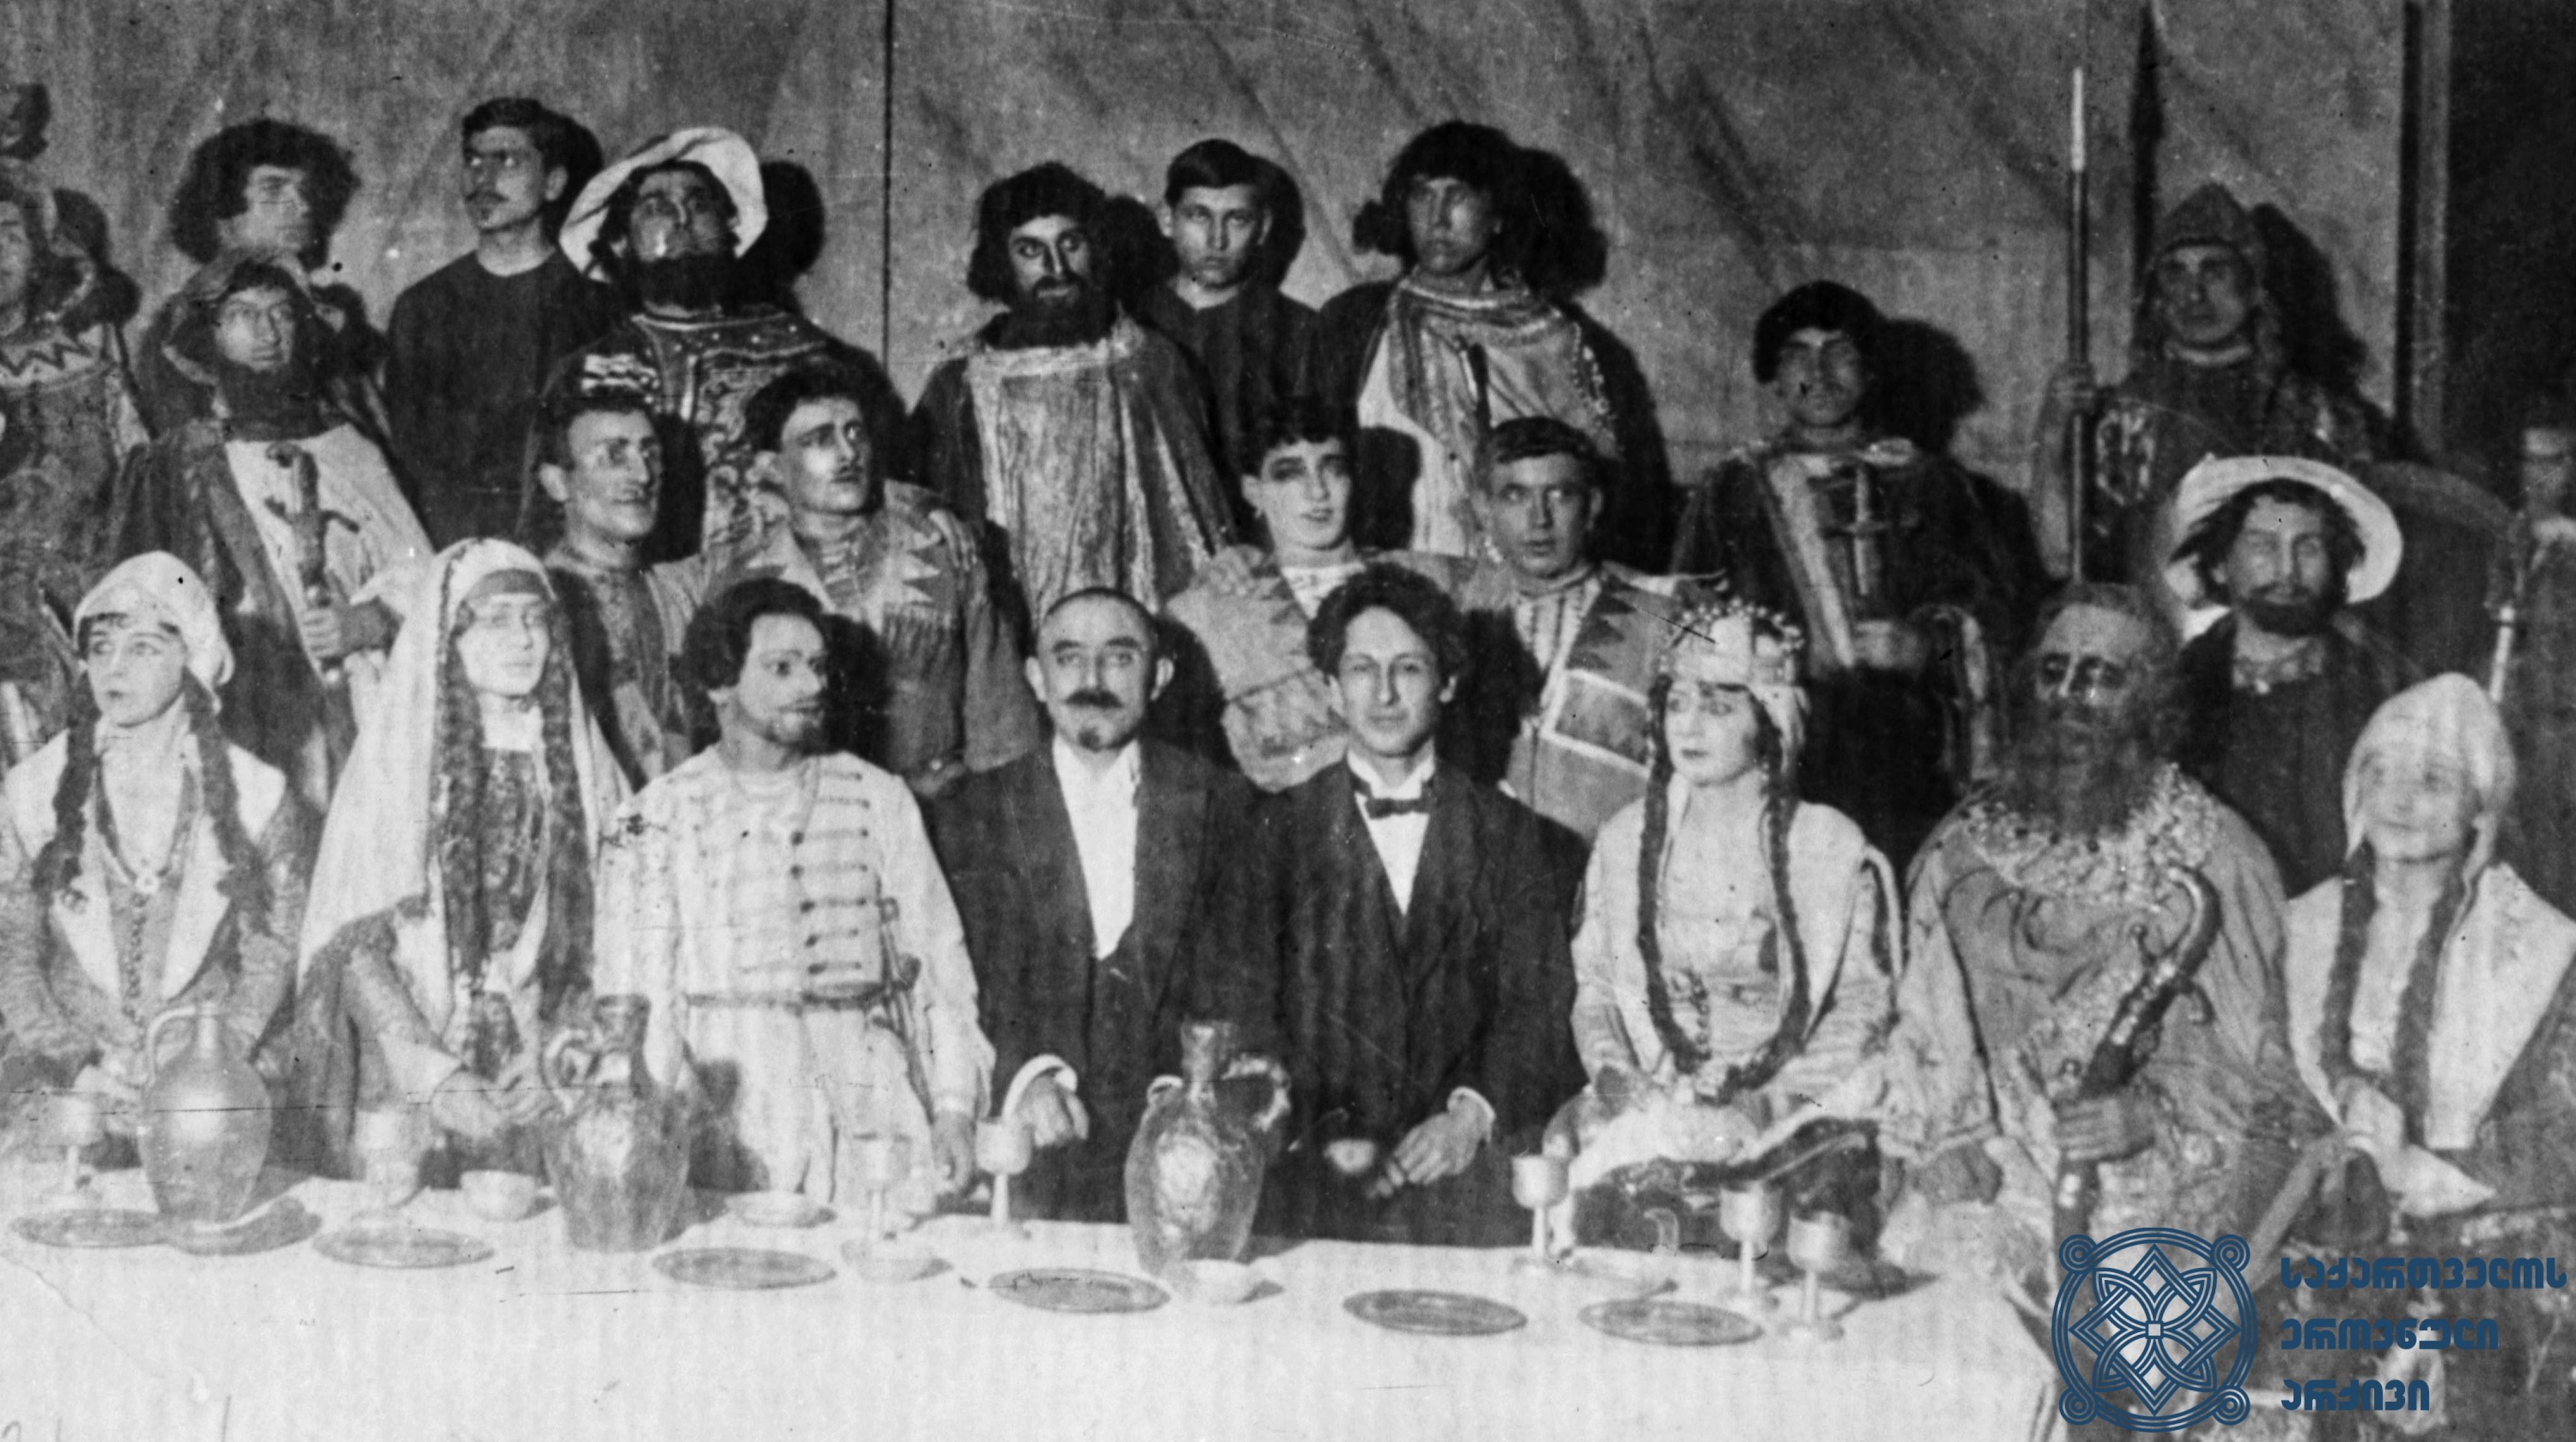 """ზაქარია ფალიაშვილის ოპერა """"აბესალომ და ეთერის"""" პრემიერის შემდეგ გადაღებული ჯგუფური სურათი.<br> ცენტრში, ოპერის მსახიობთა შორის, სხედან: ზაქარია ფალიაშვილი და ალექსანდრე წუწუნავა.<br> 1919 წელი.<br> Group photo taken after the premiere of the opera """"Abesalom and Eteri"""" by Zakaria Phaliashvili Zakaria Phaliashvili and Alexandre Tsutsunava are sitting (in the center) among the opera artists. <br> 1919."""